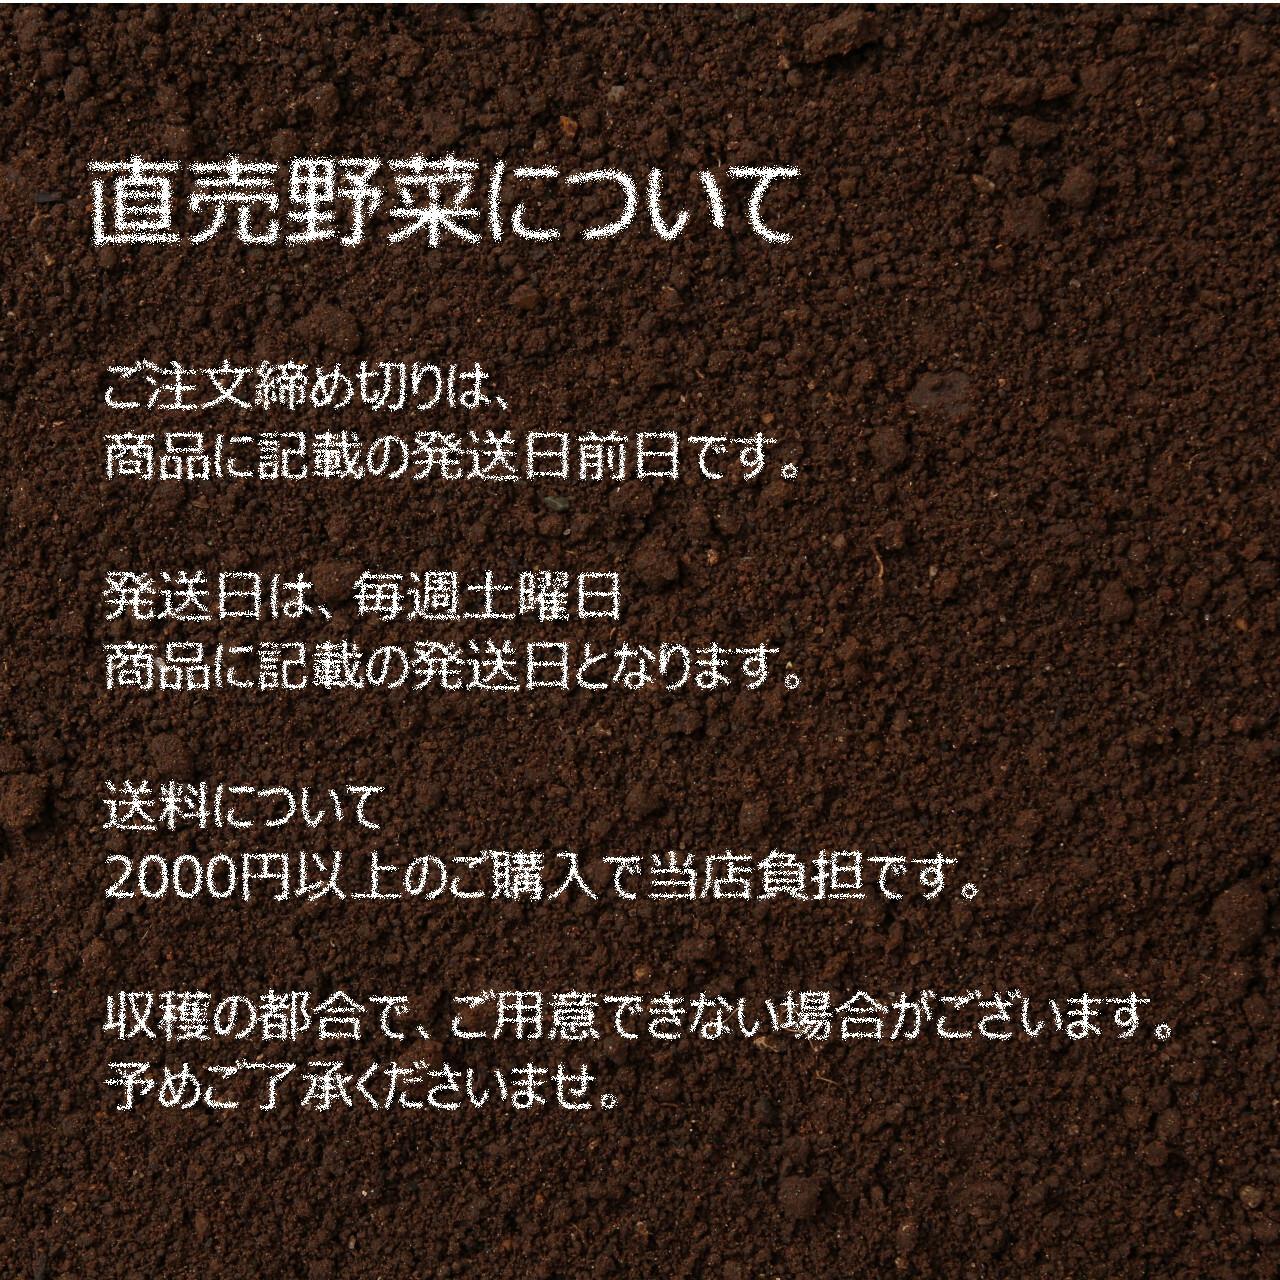 7月の新鮮な夏野菜 : ミョウガ 約150g 朝採り直売野菜 7月20日発送予定